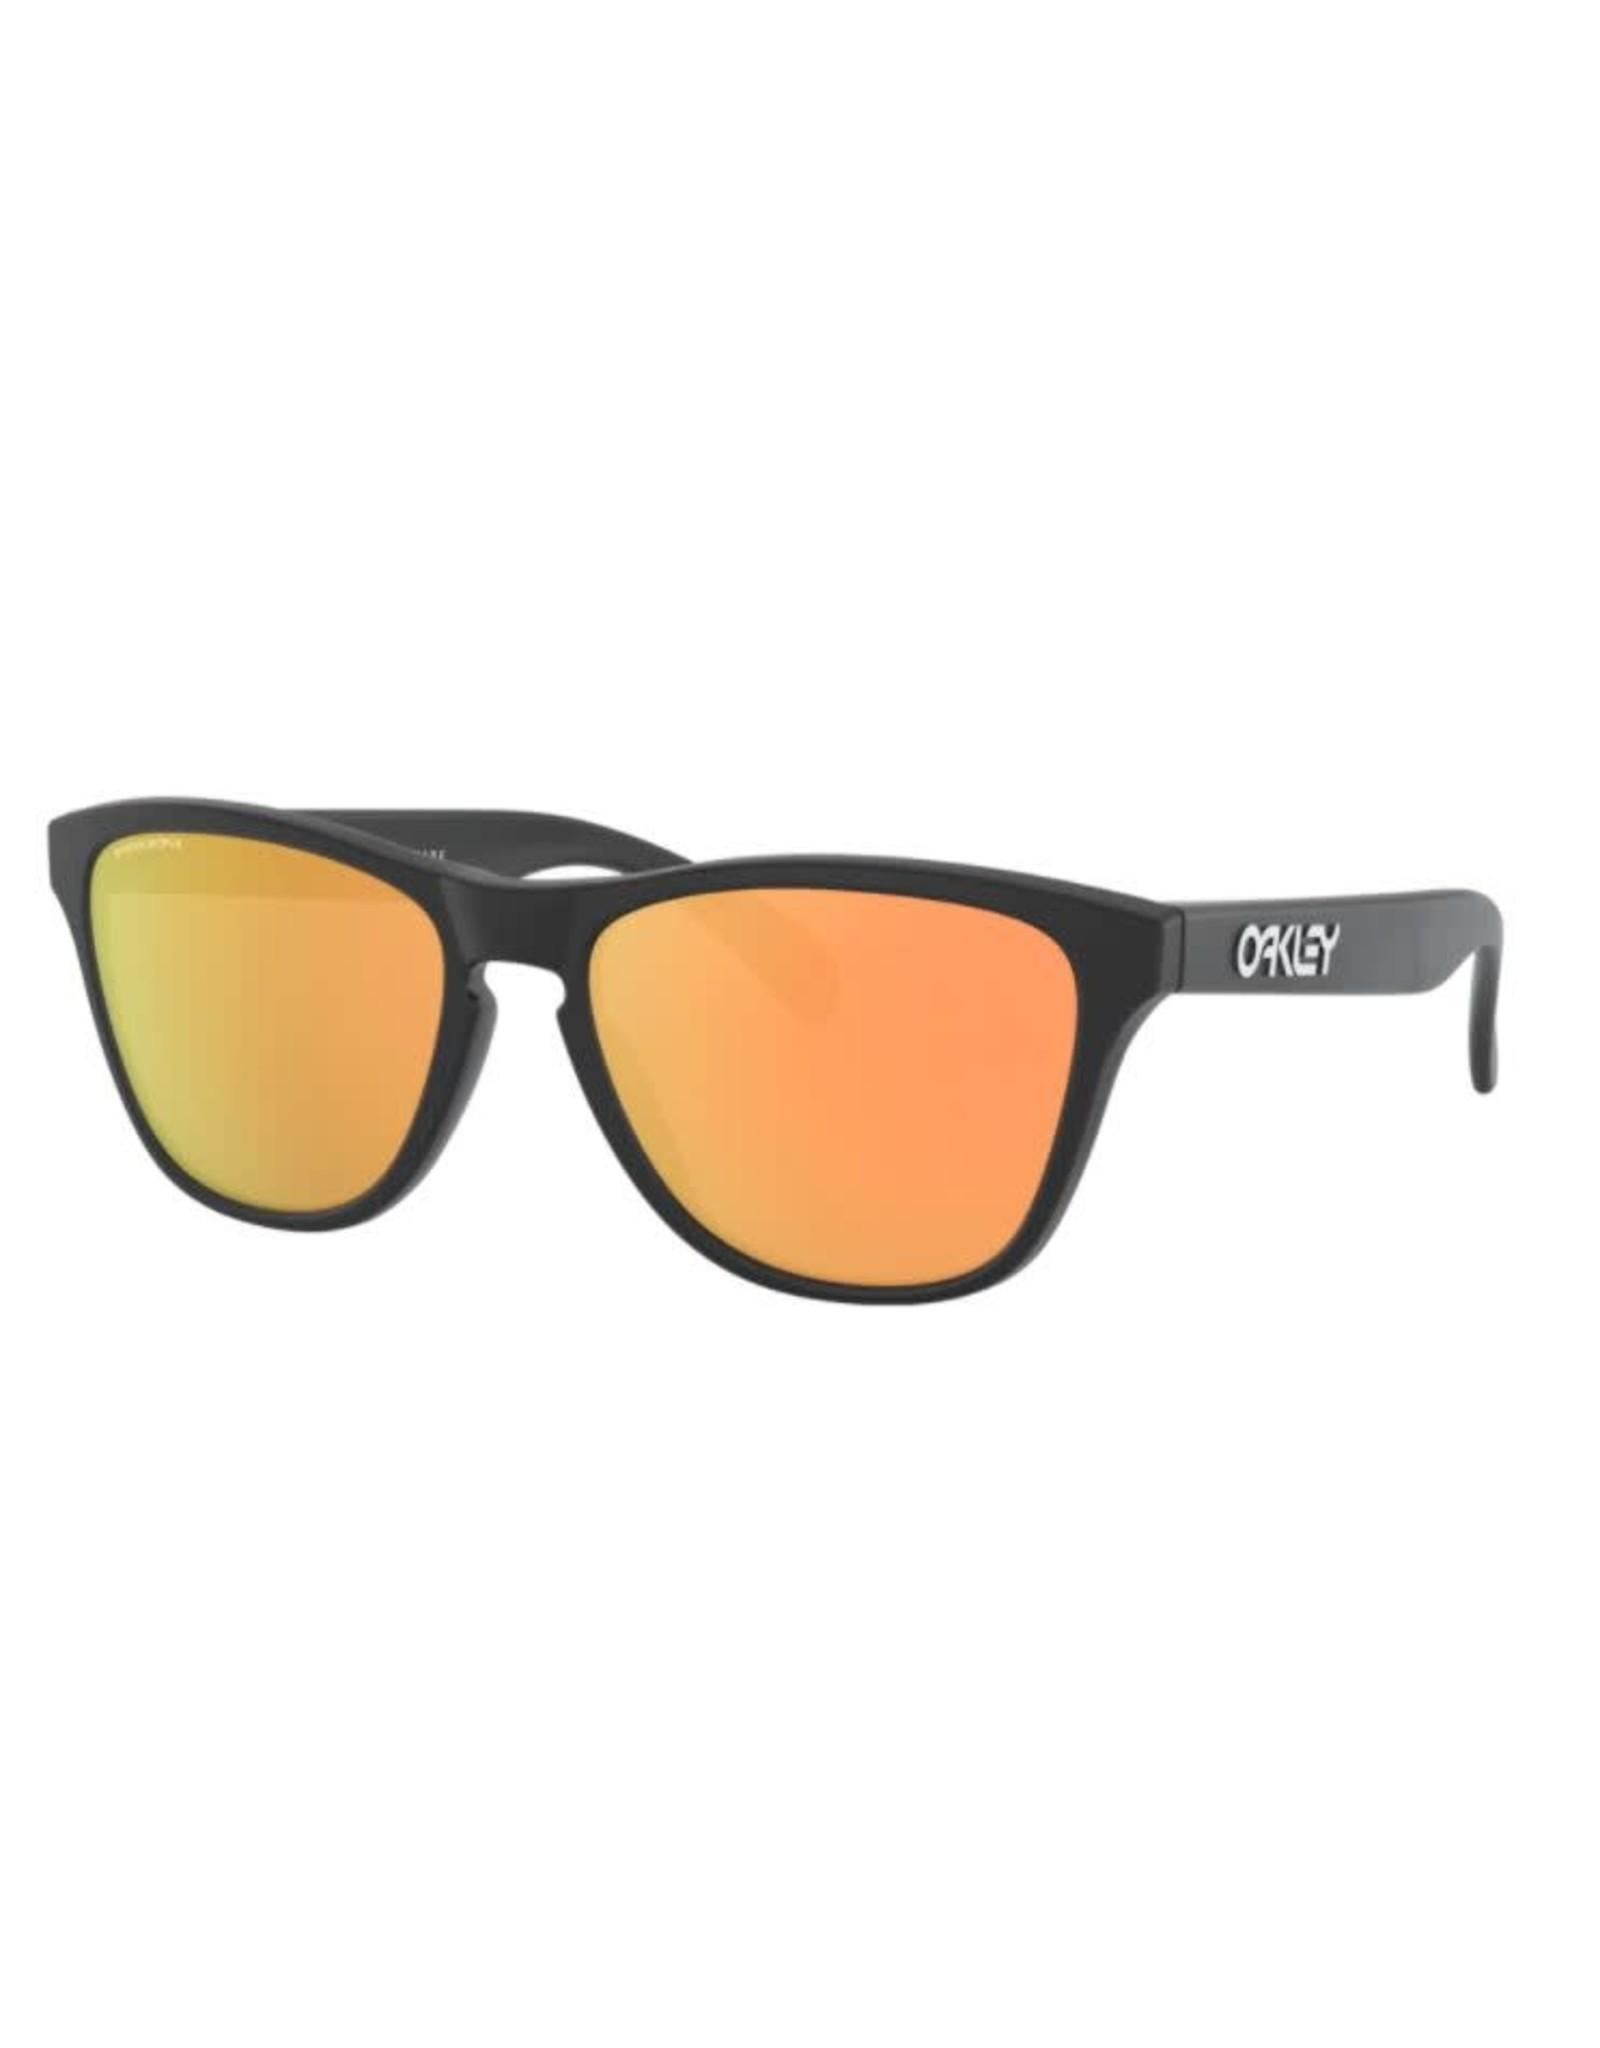 Oakley Oakley - Lunette soleil junior frogskins xs matte black/lens prizm rose gold